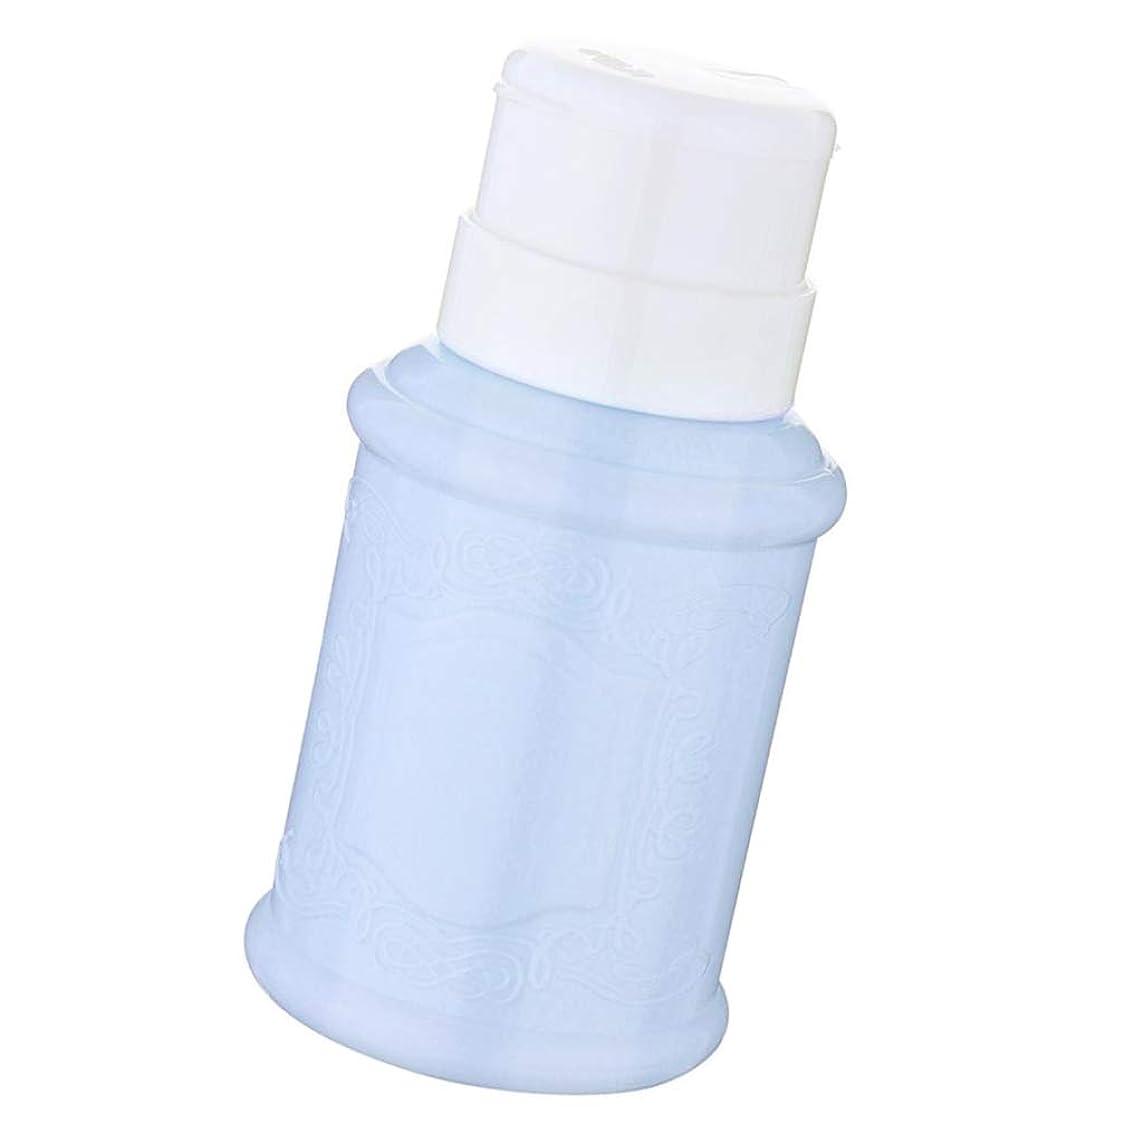 売り手完全にチャンピオンDYNWAVE ポンプディスペンサー ネイル リットル空ポンプ ネイルクリーナーボトル 全3色 - 青